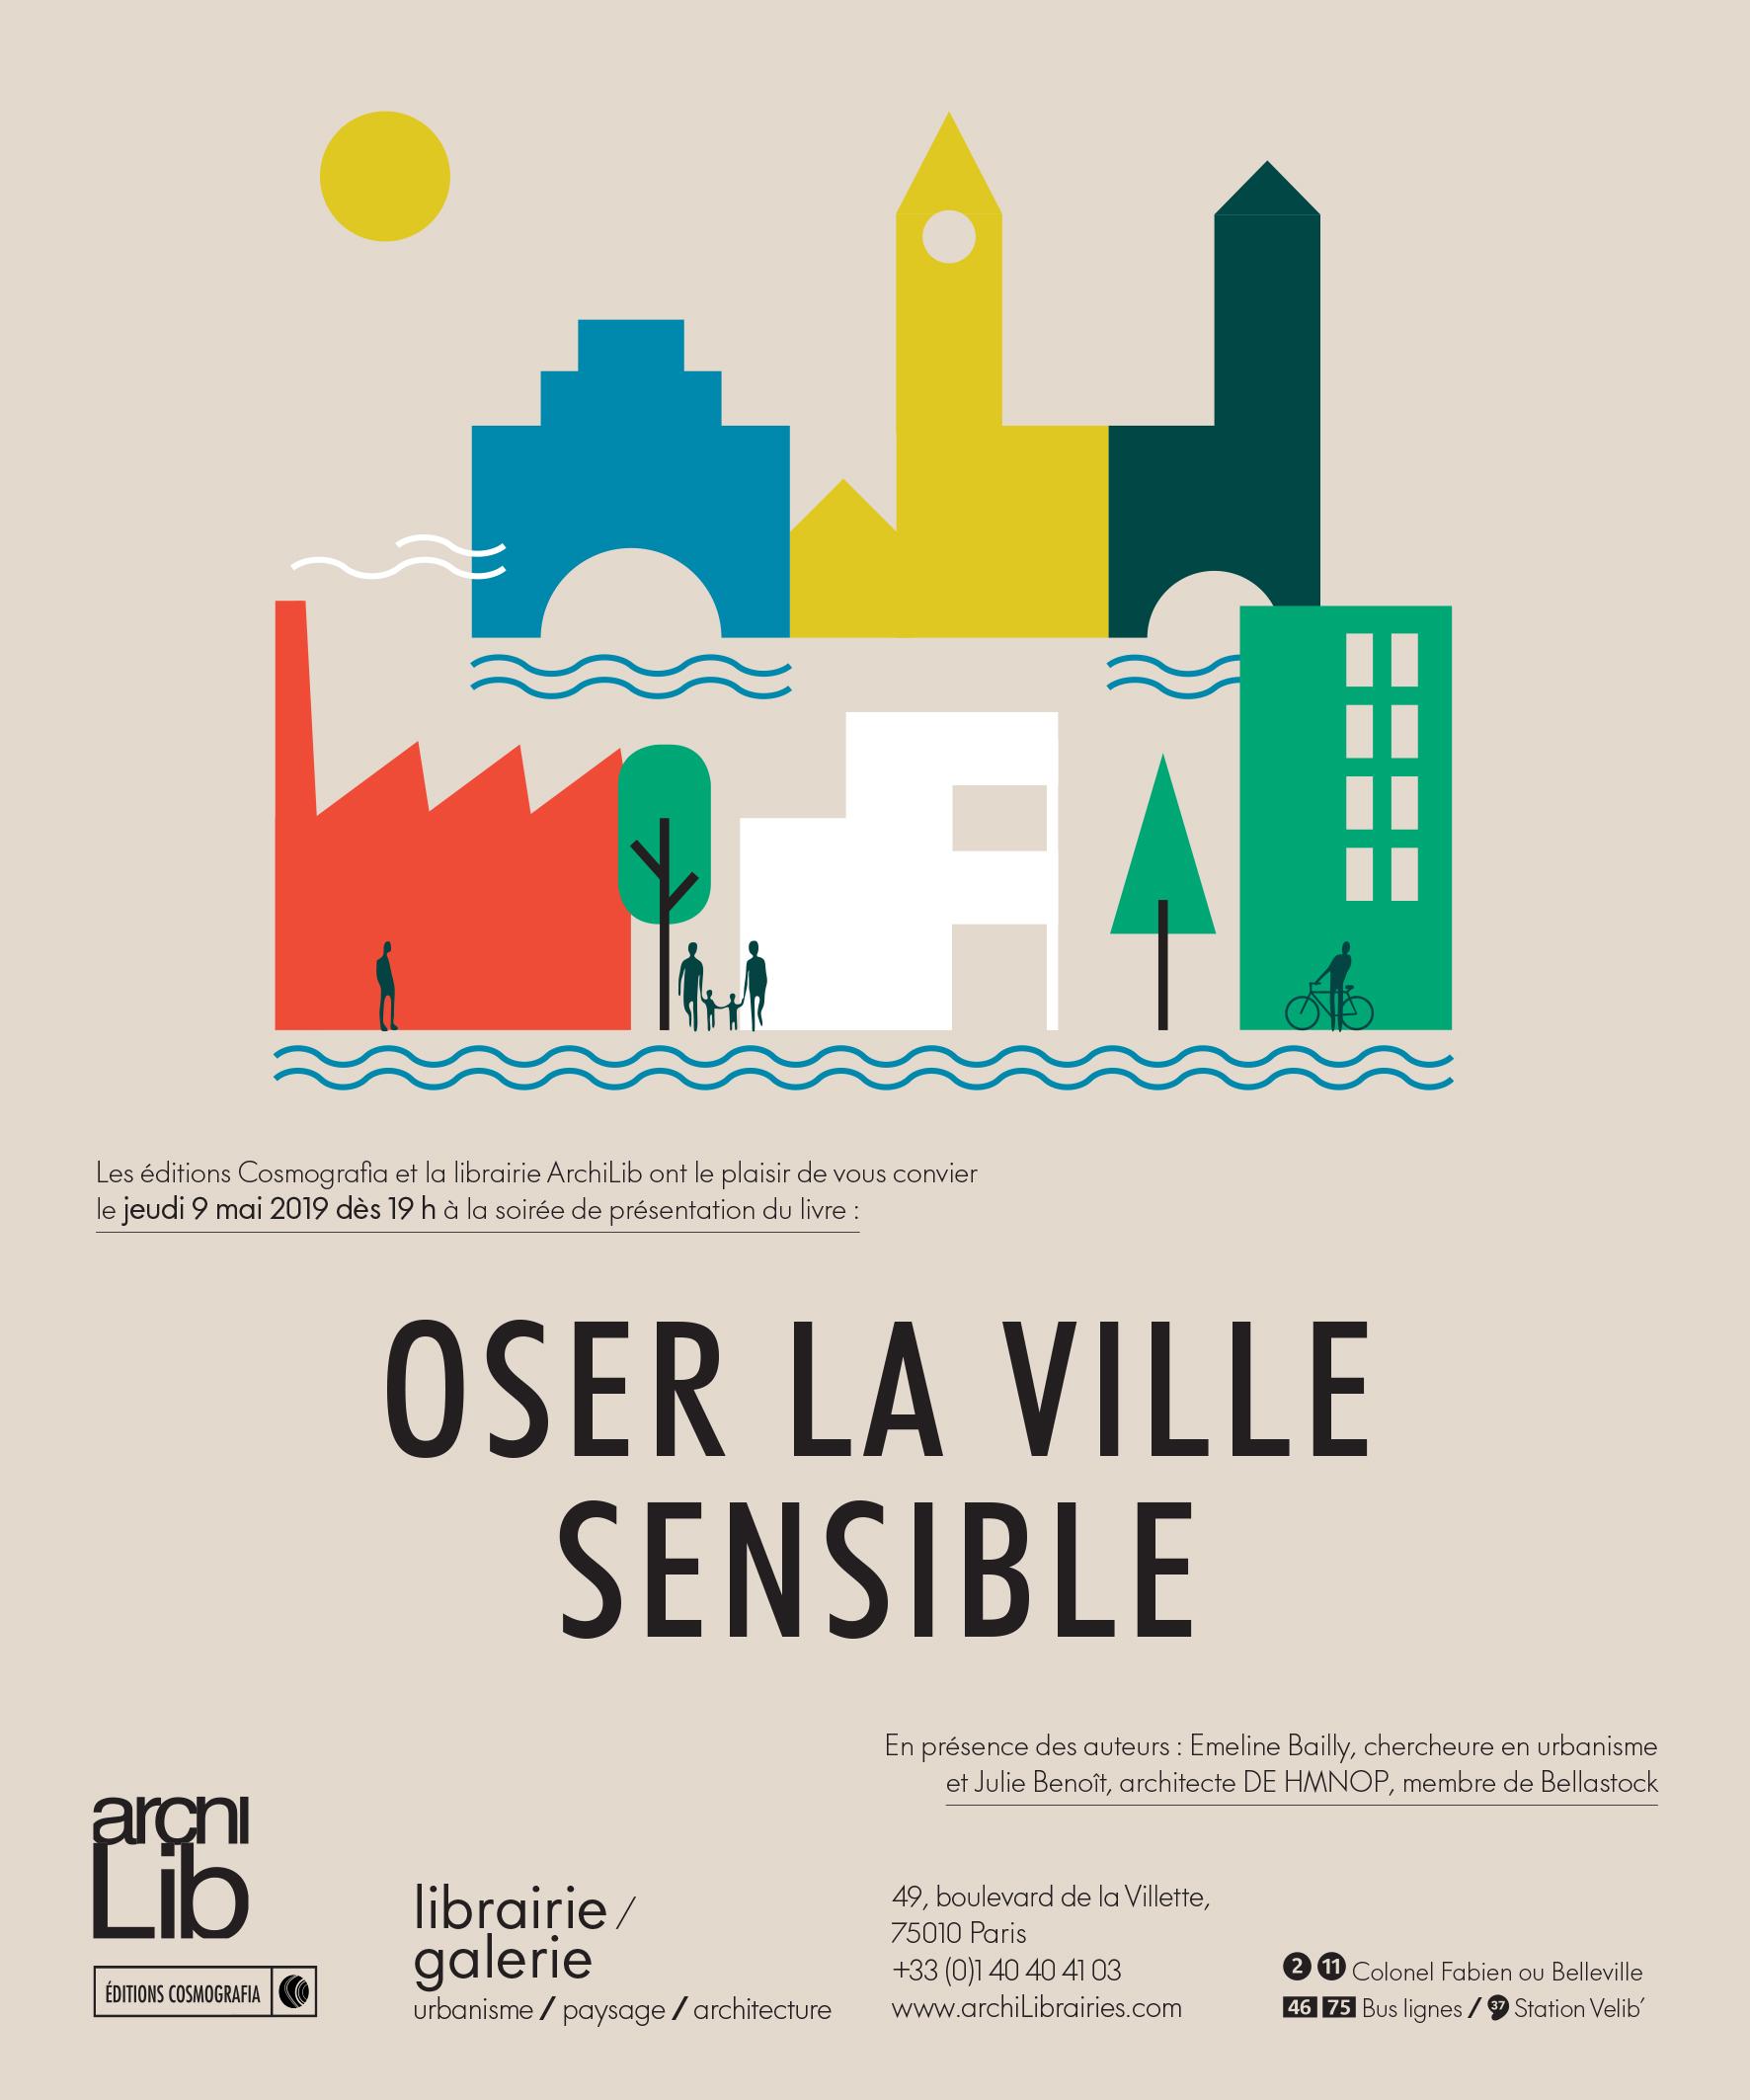 Soirée Oser la ville sensible le 9 mai à la librairie ARCHILIB de Paris